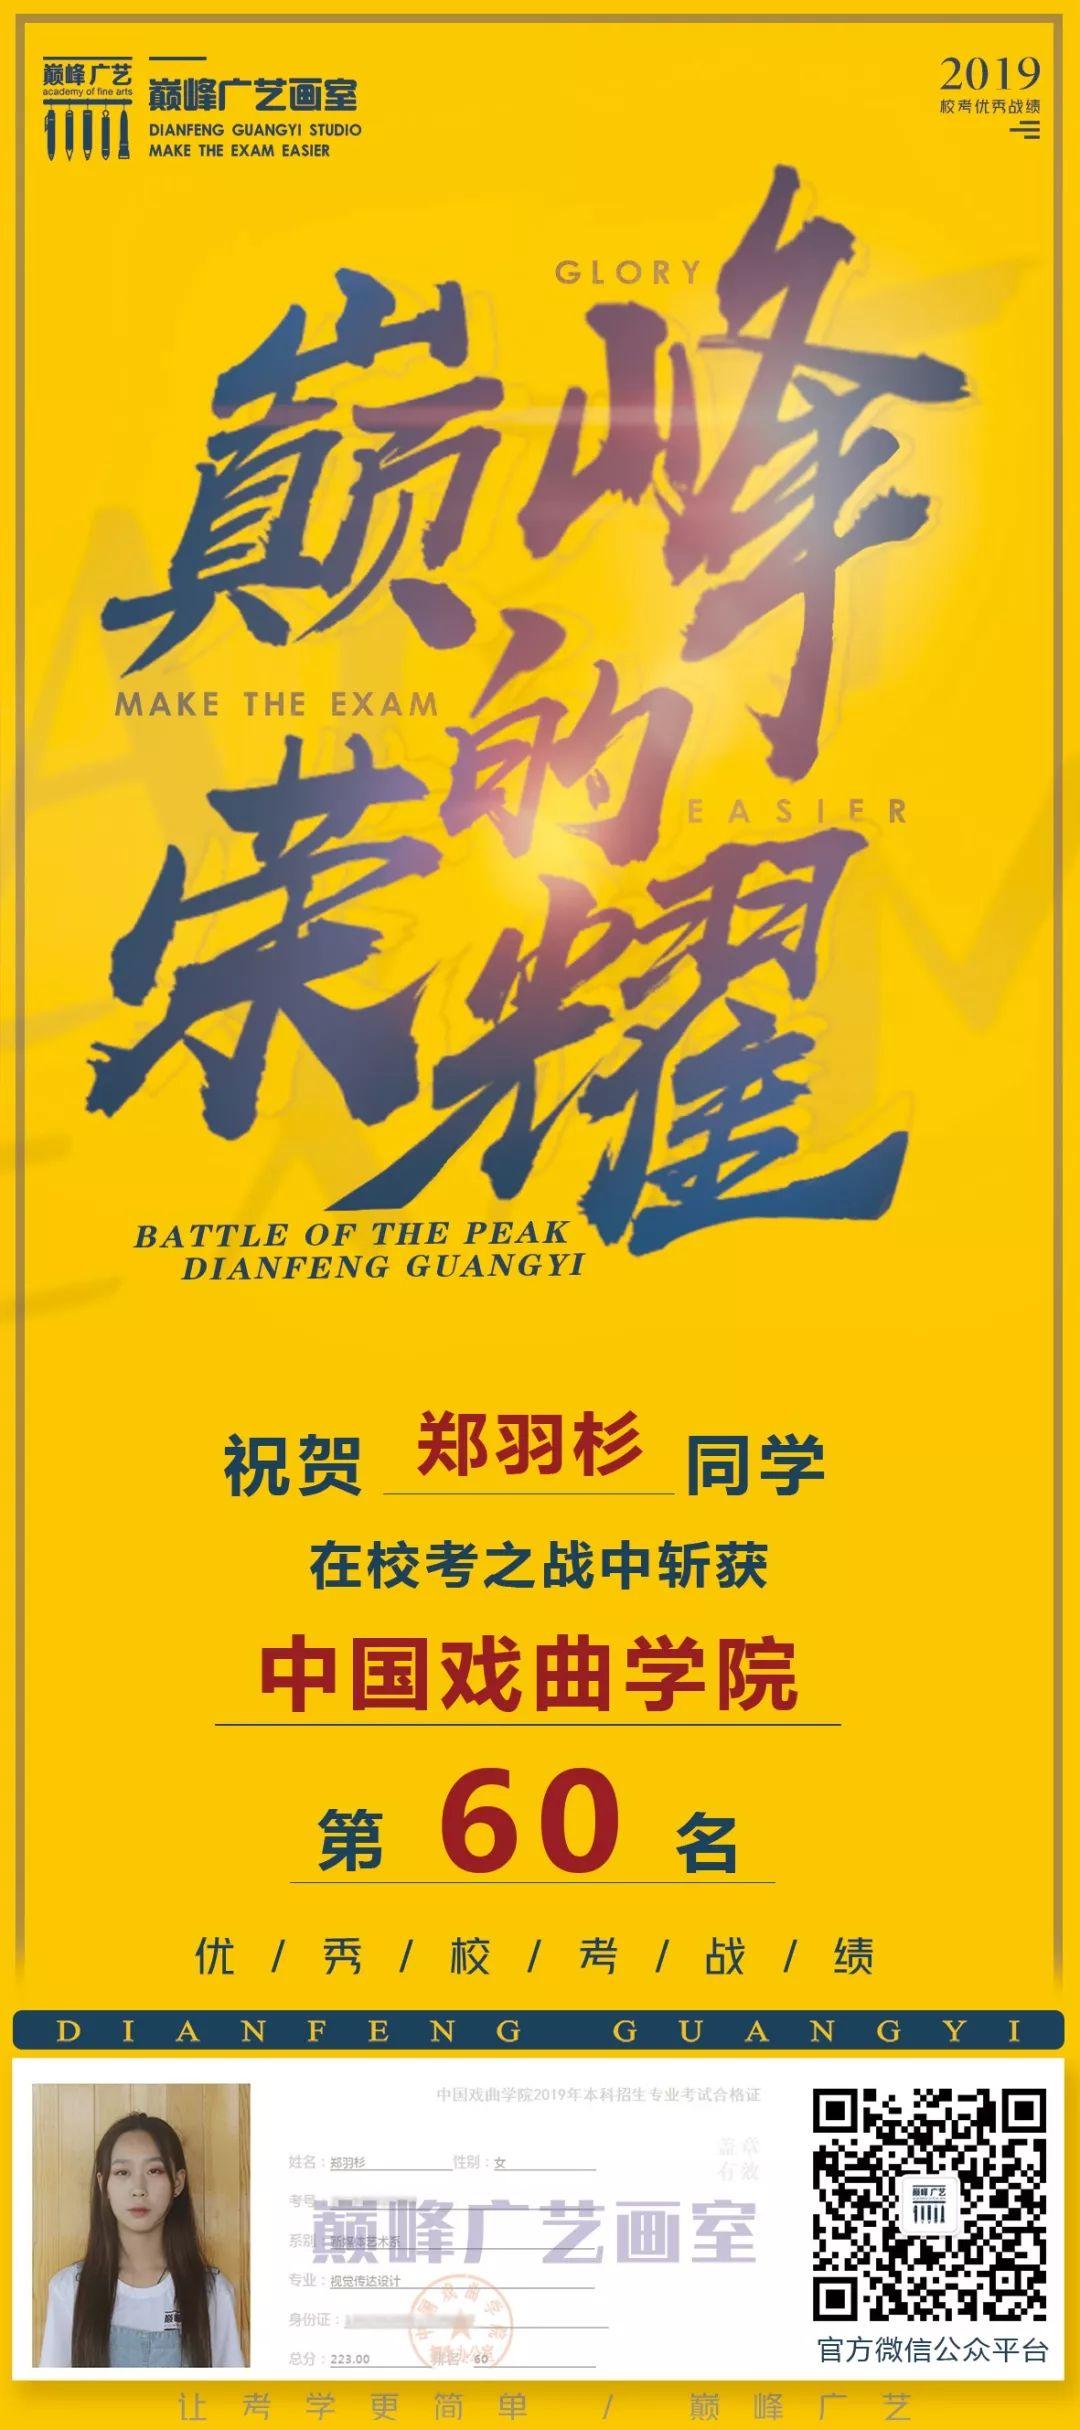 中国传媒大学,北京电影学院,中央戏剧学院,北京巅峰广艺画室       80